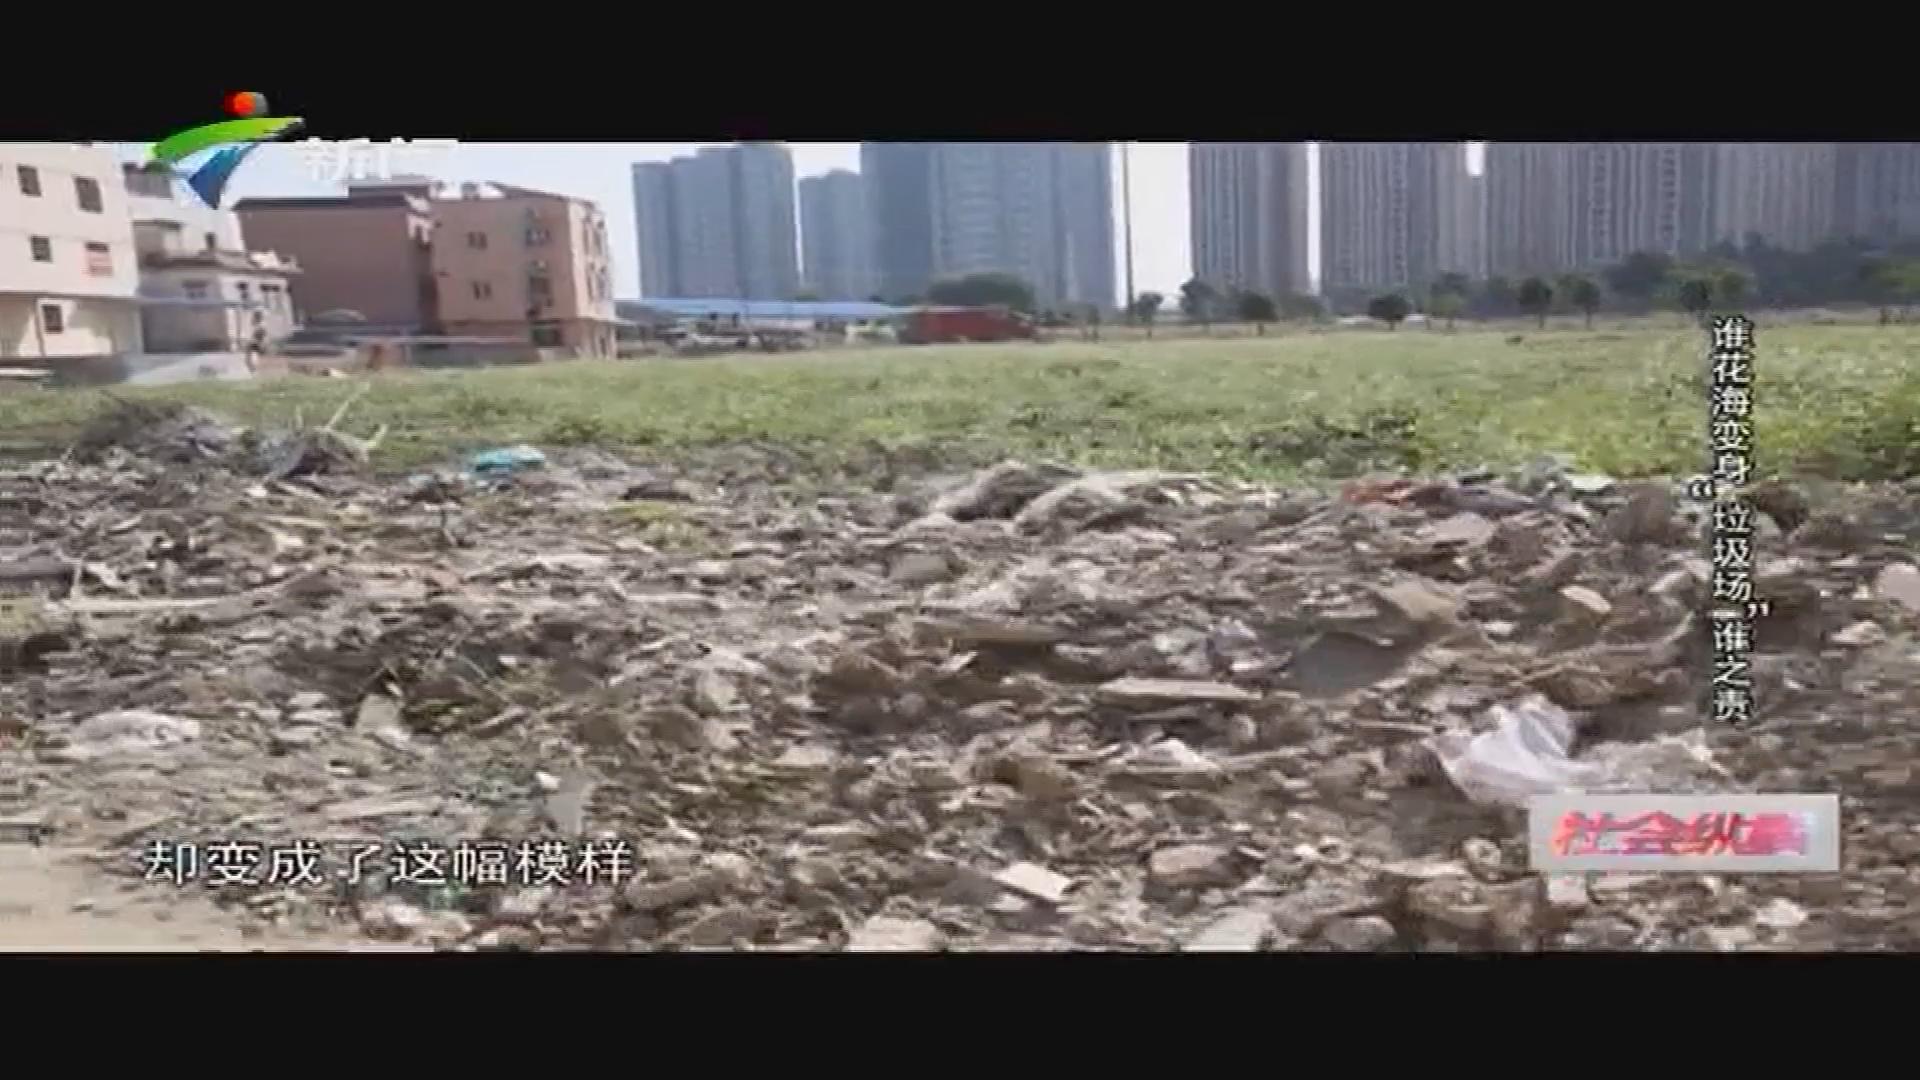 花海变身垃圾场谁之责?